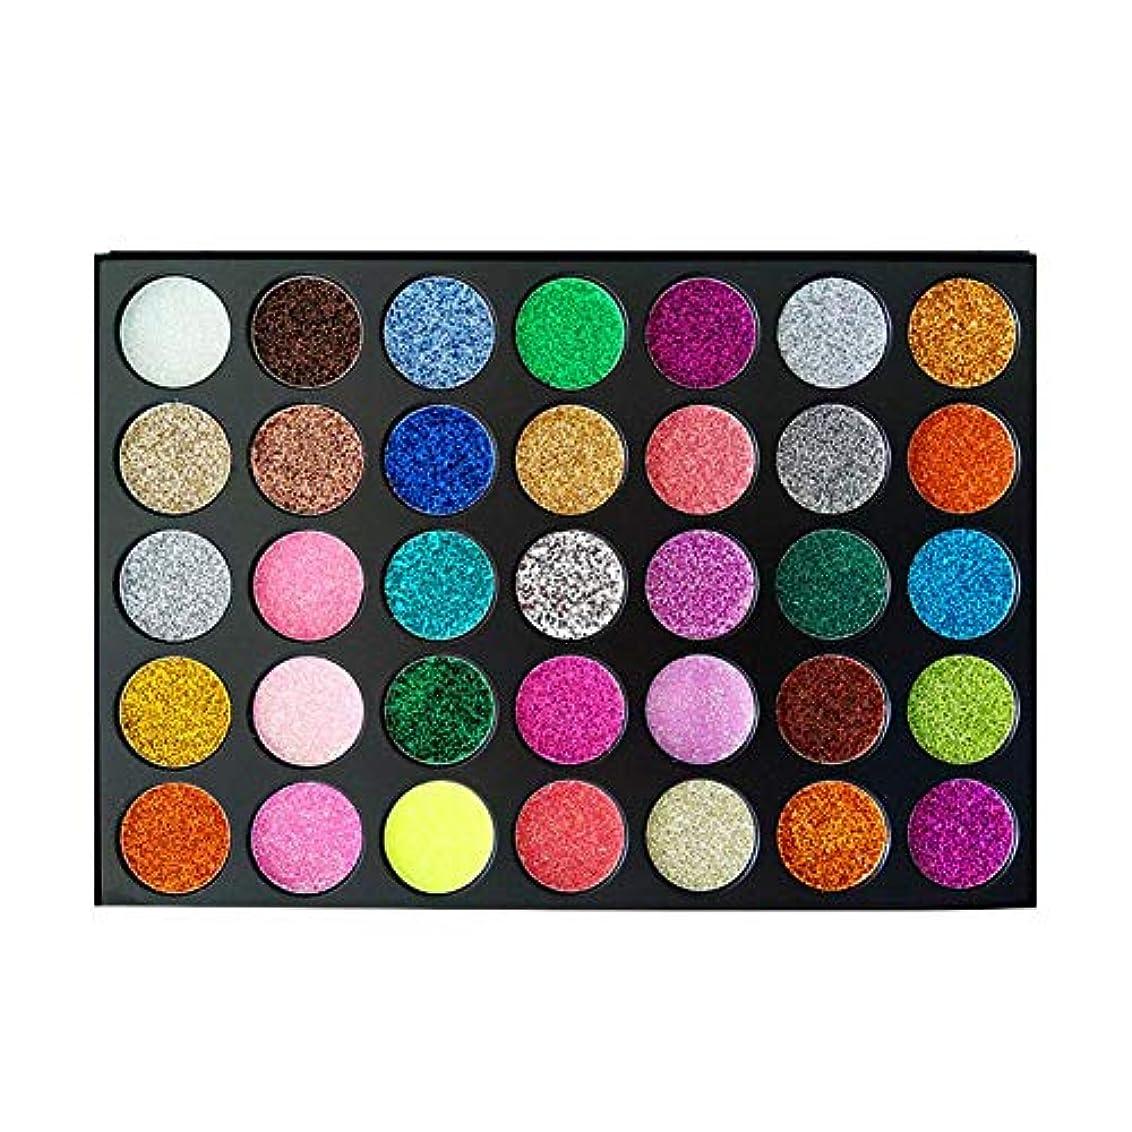 飾るズームインするロイヤリティBrill(ブリーオ)最高のプロアイシャドウマットパレットメイクアイシャドウプロフェッショナル完璧なファイル暖かいナチュラルニュートラルスモーキーパレットアイメイクアップシルキーパウダー化粧品35色